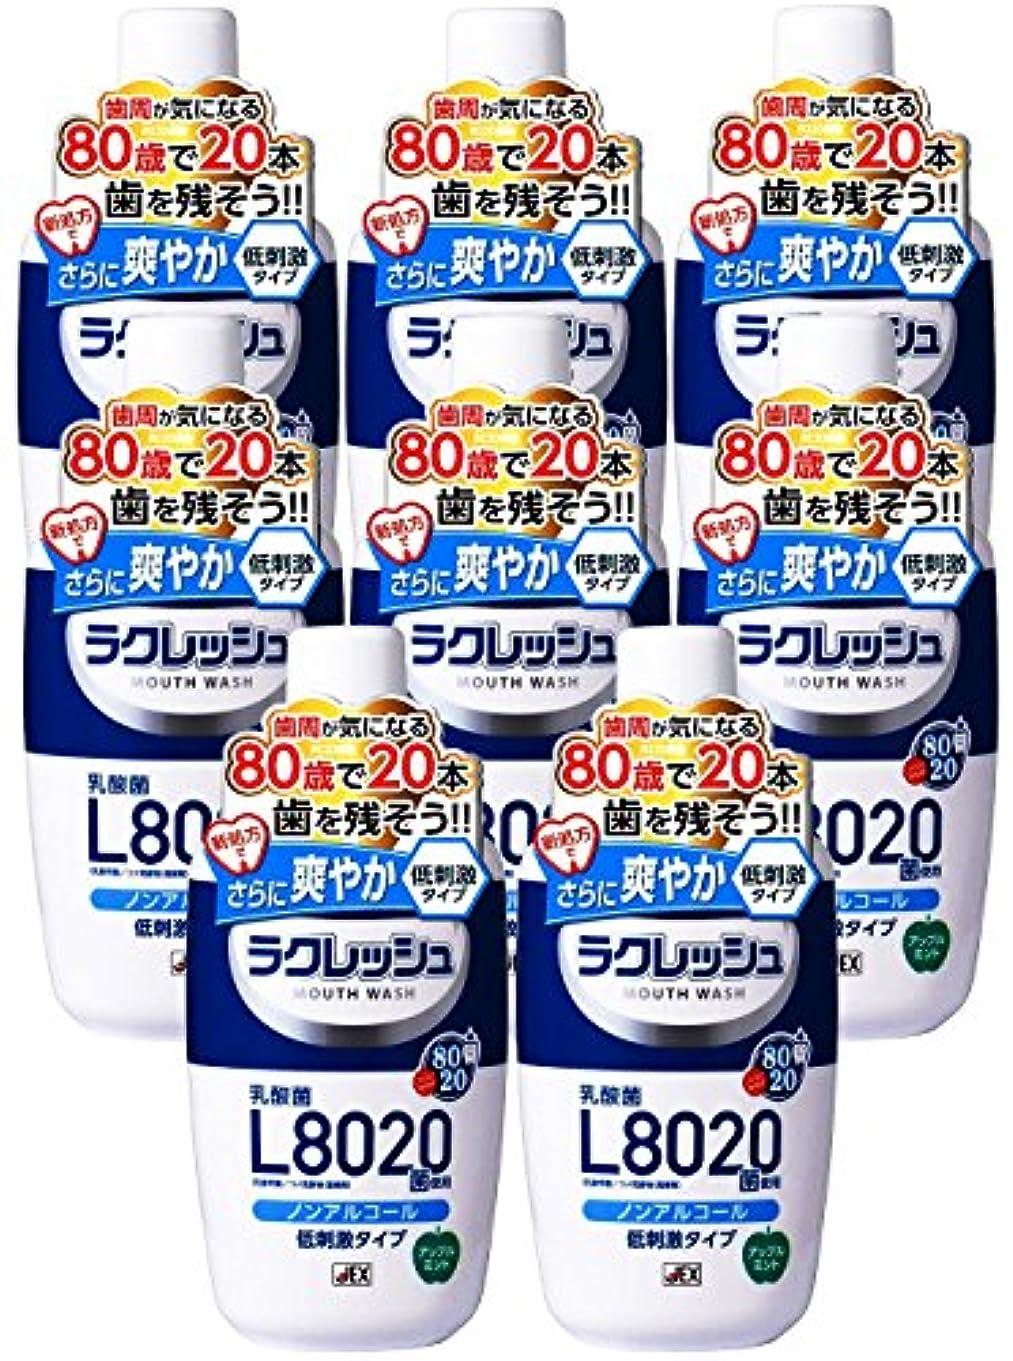 黒くする優先権ネックレット【8個セット】ラクレッシュ L8020菌 マウスウォッシュ